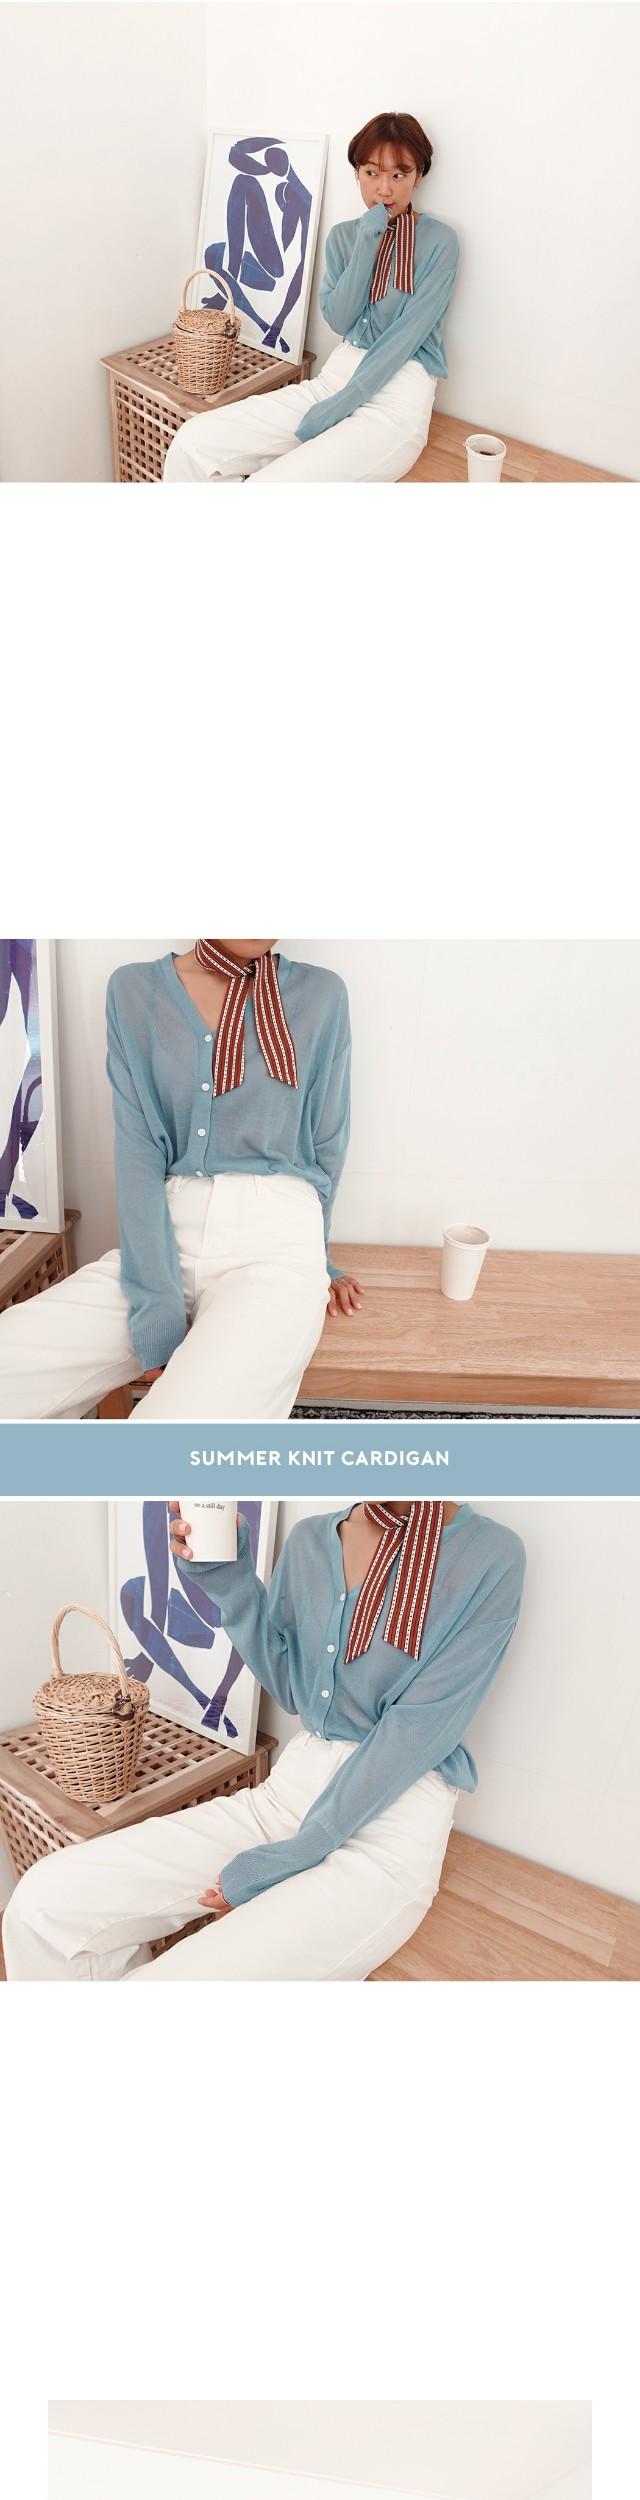 Peanut-summer cardigan